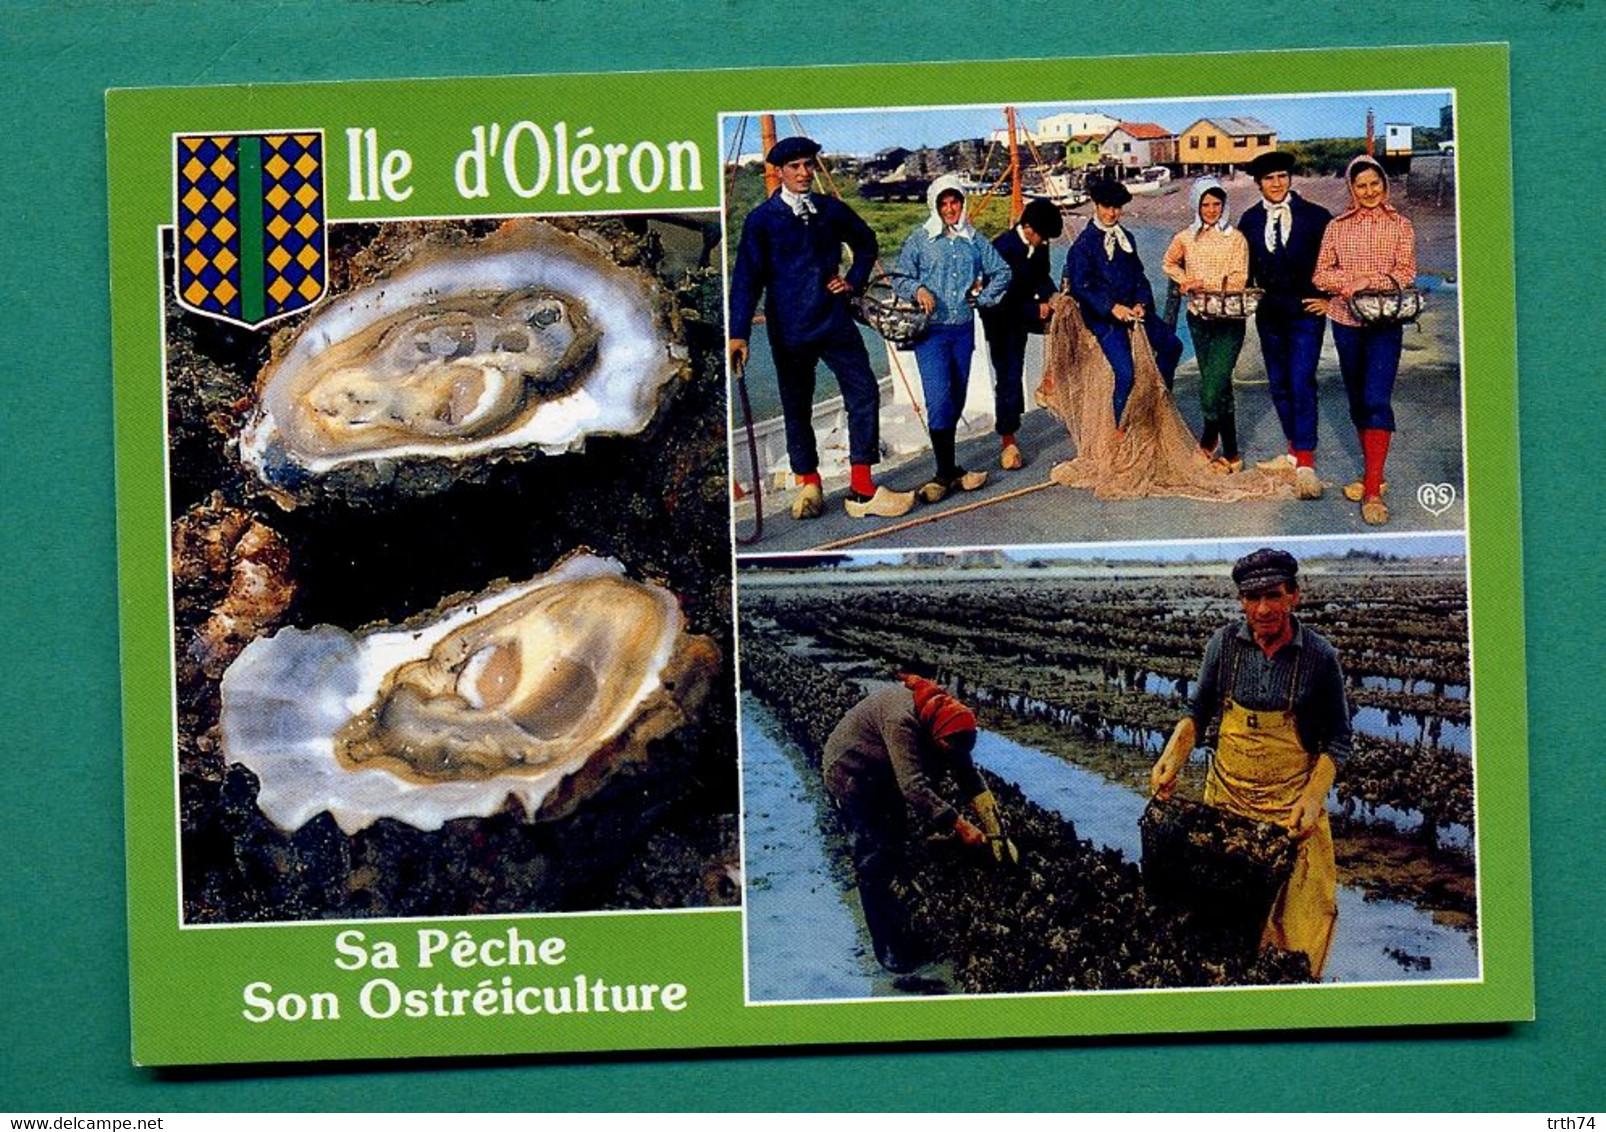 17 Ile D' Oléron Sa Peche Son Ostréiculture ( Multivues, Huitres, Parcs A Huitres, Parqueurs ) - Ile D'Oléron